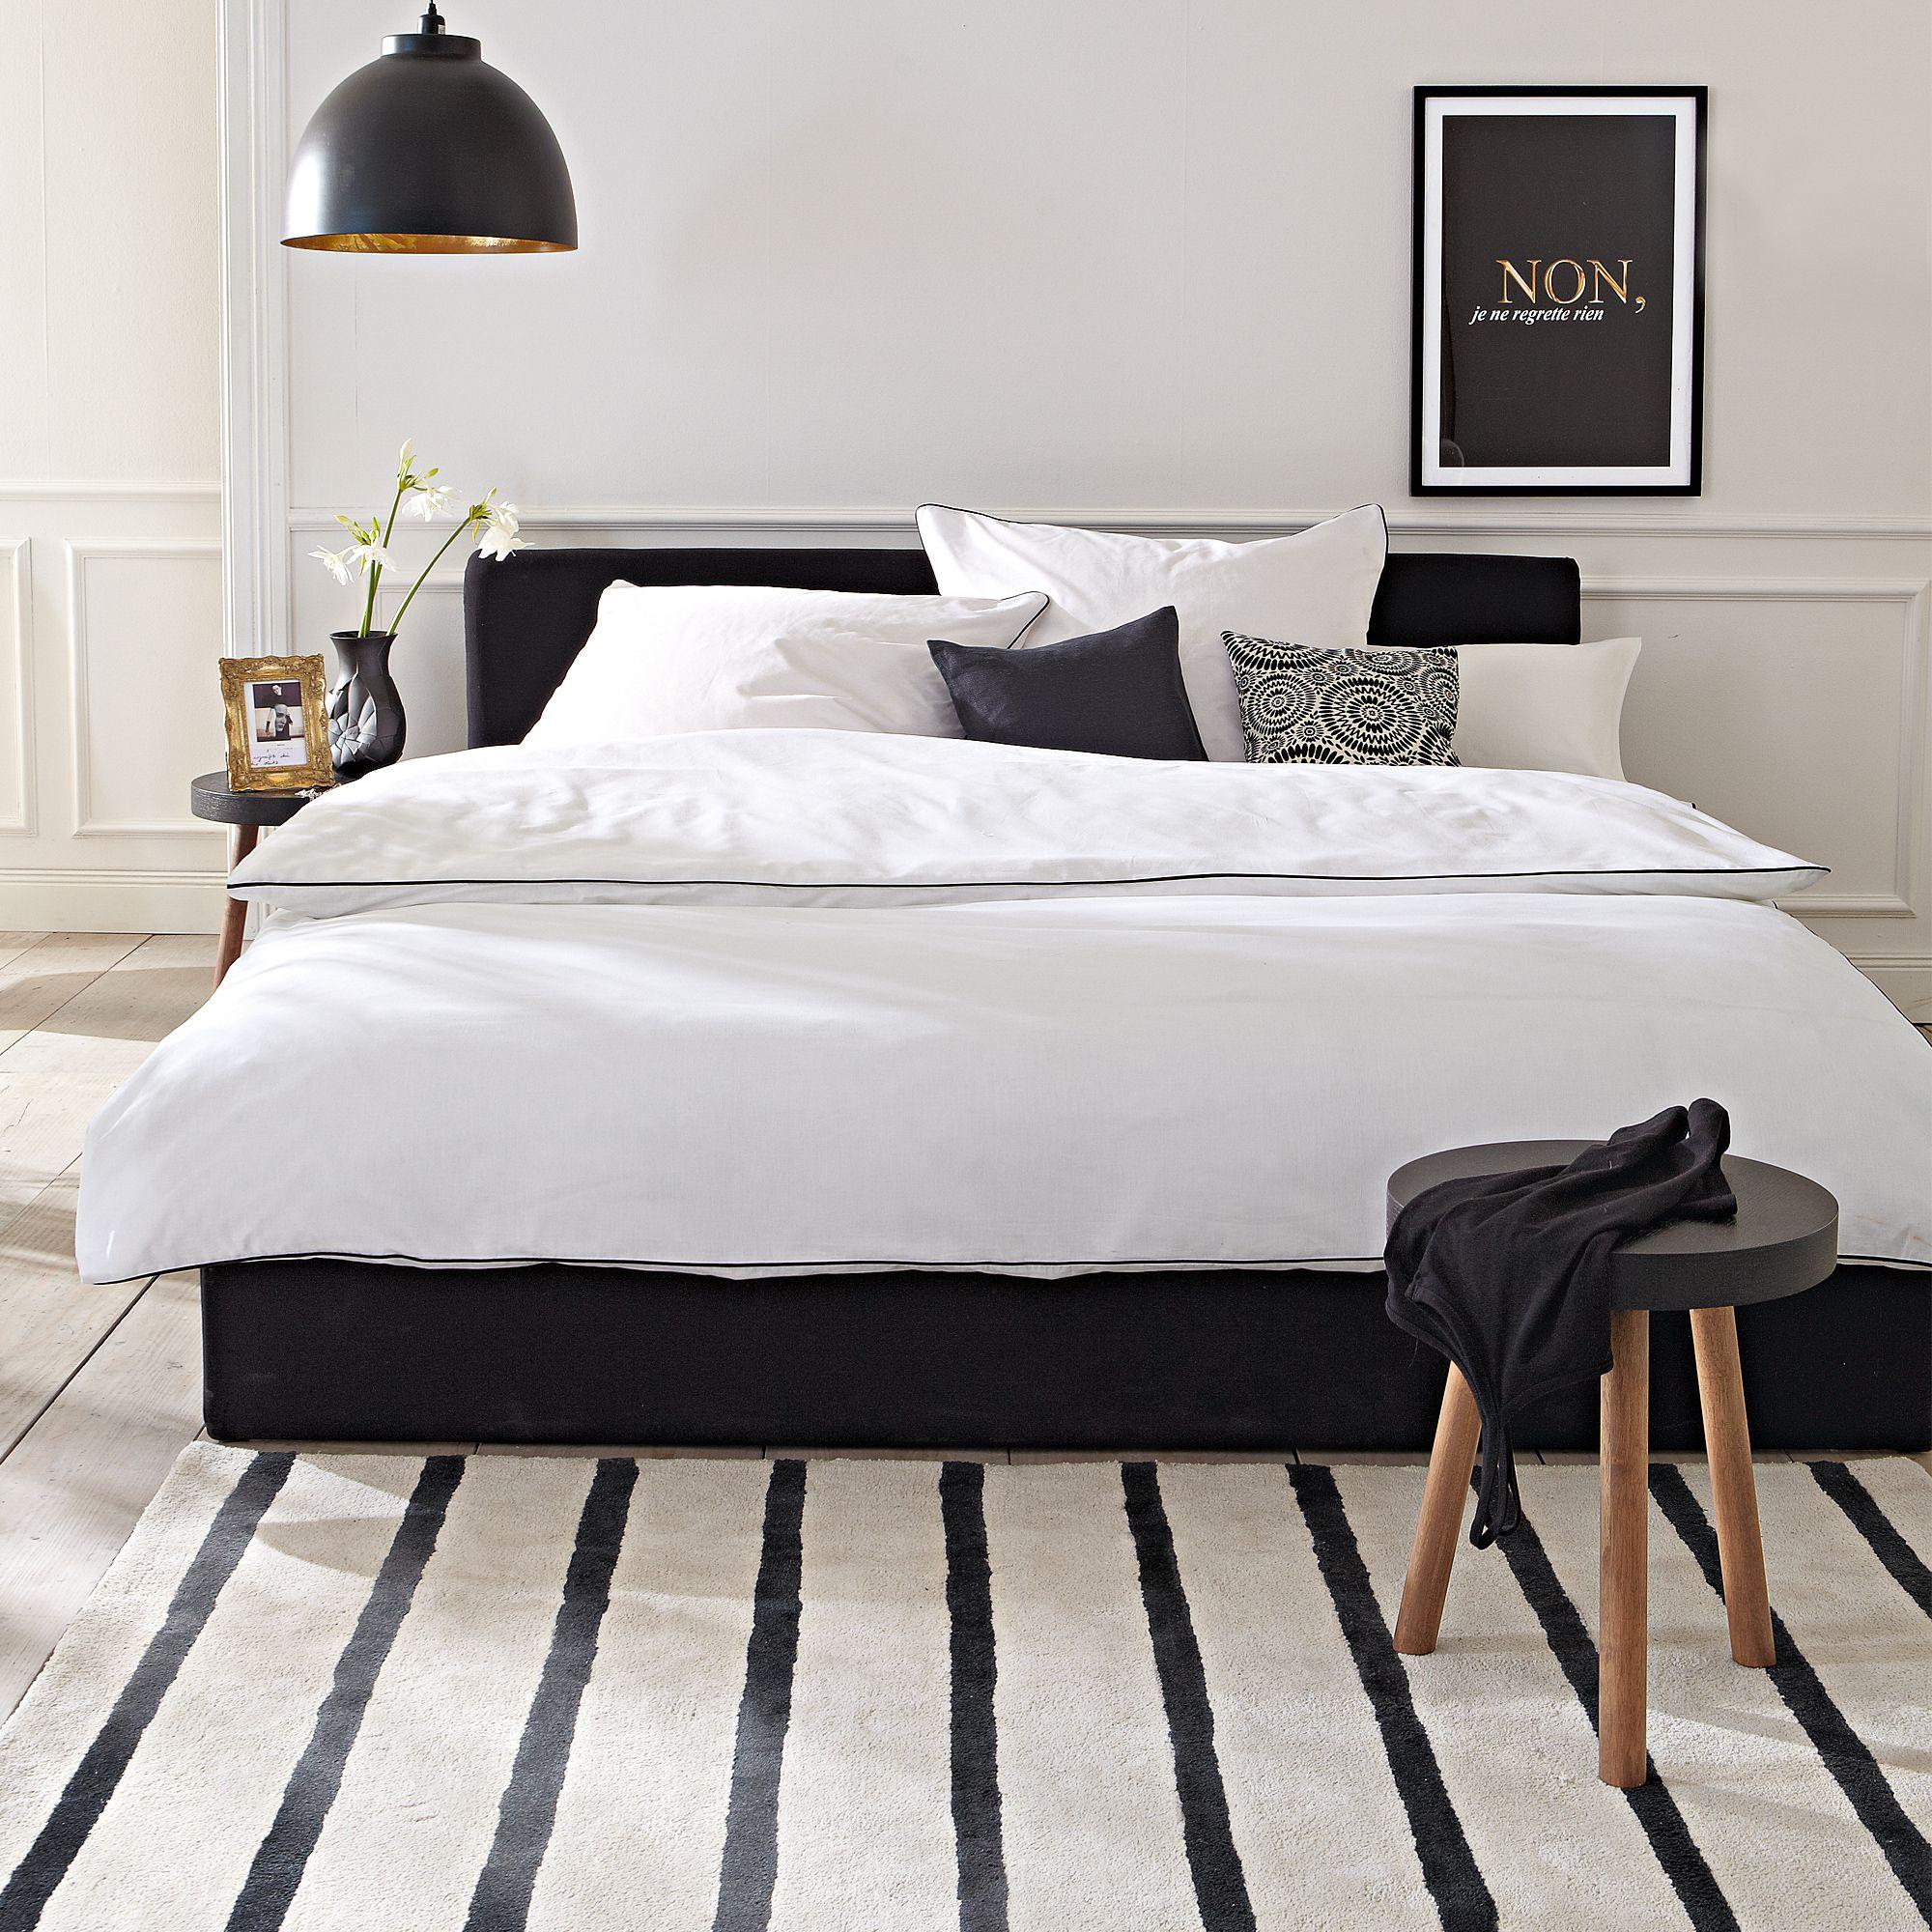 Full Size of Schwarzes Bett Black Bed Impressionen Schlafzimmer Funktions Stapelbar Balinesische Betten Bette Duschwanne Graues Günstige 180x200 Bonprix 140x200 Mit Bett Schwarzes Bett